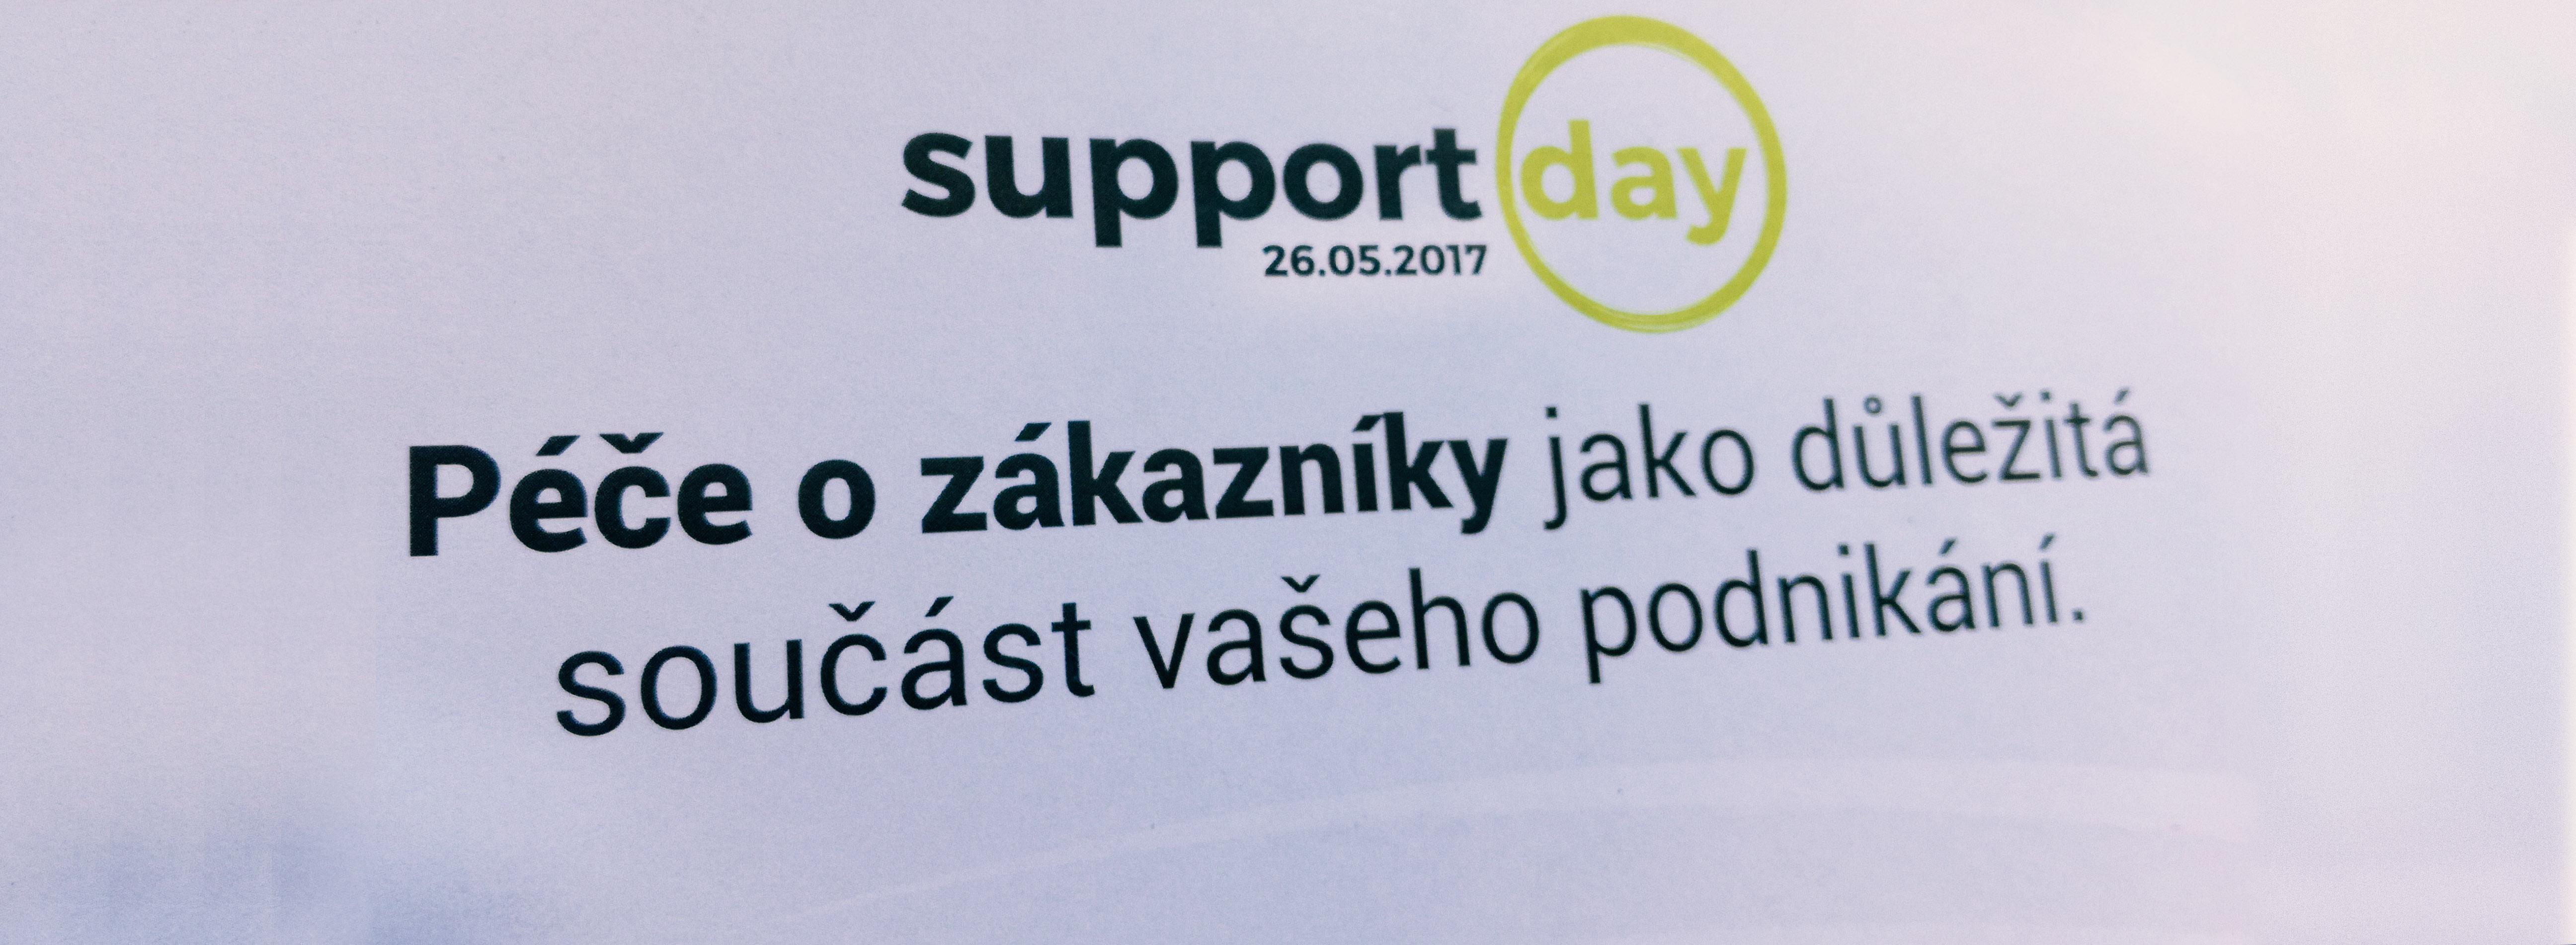 O podpoře s podporou – Support Day 2017